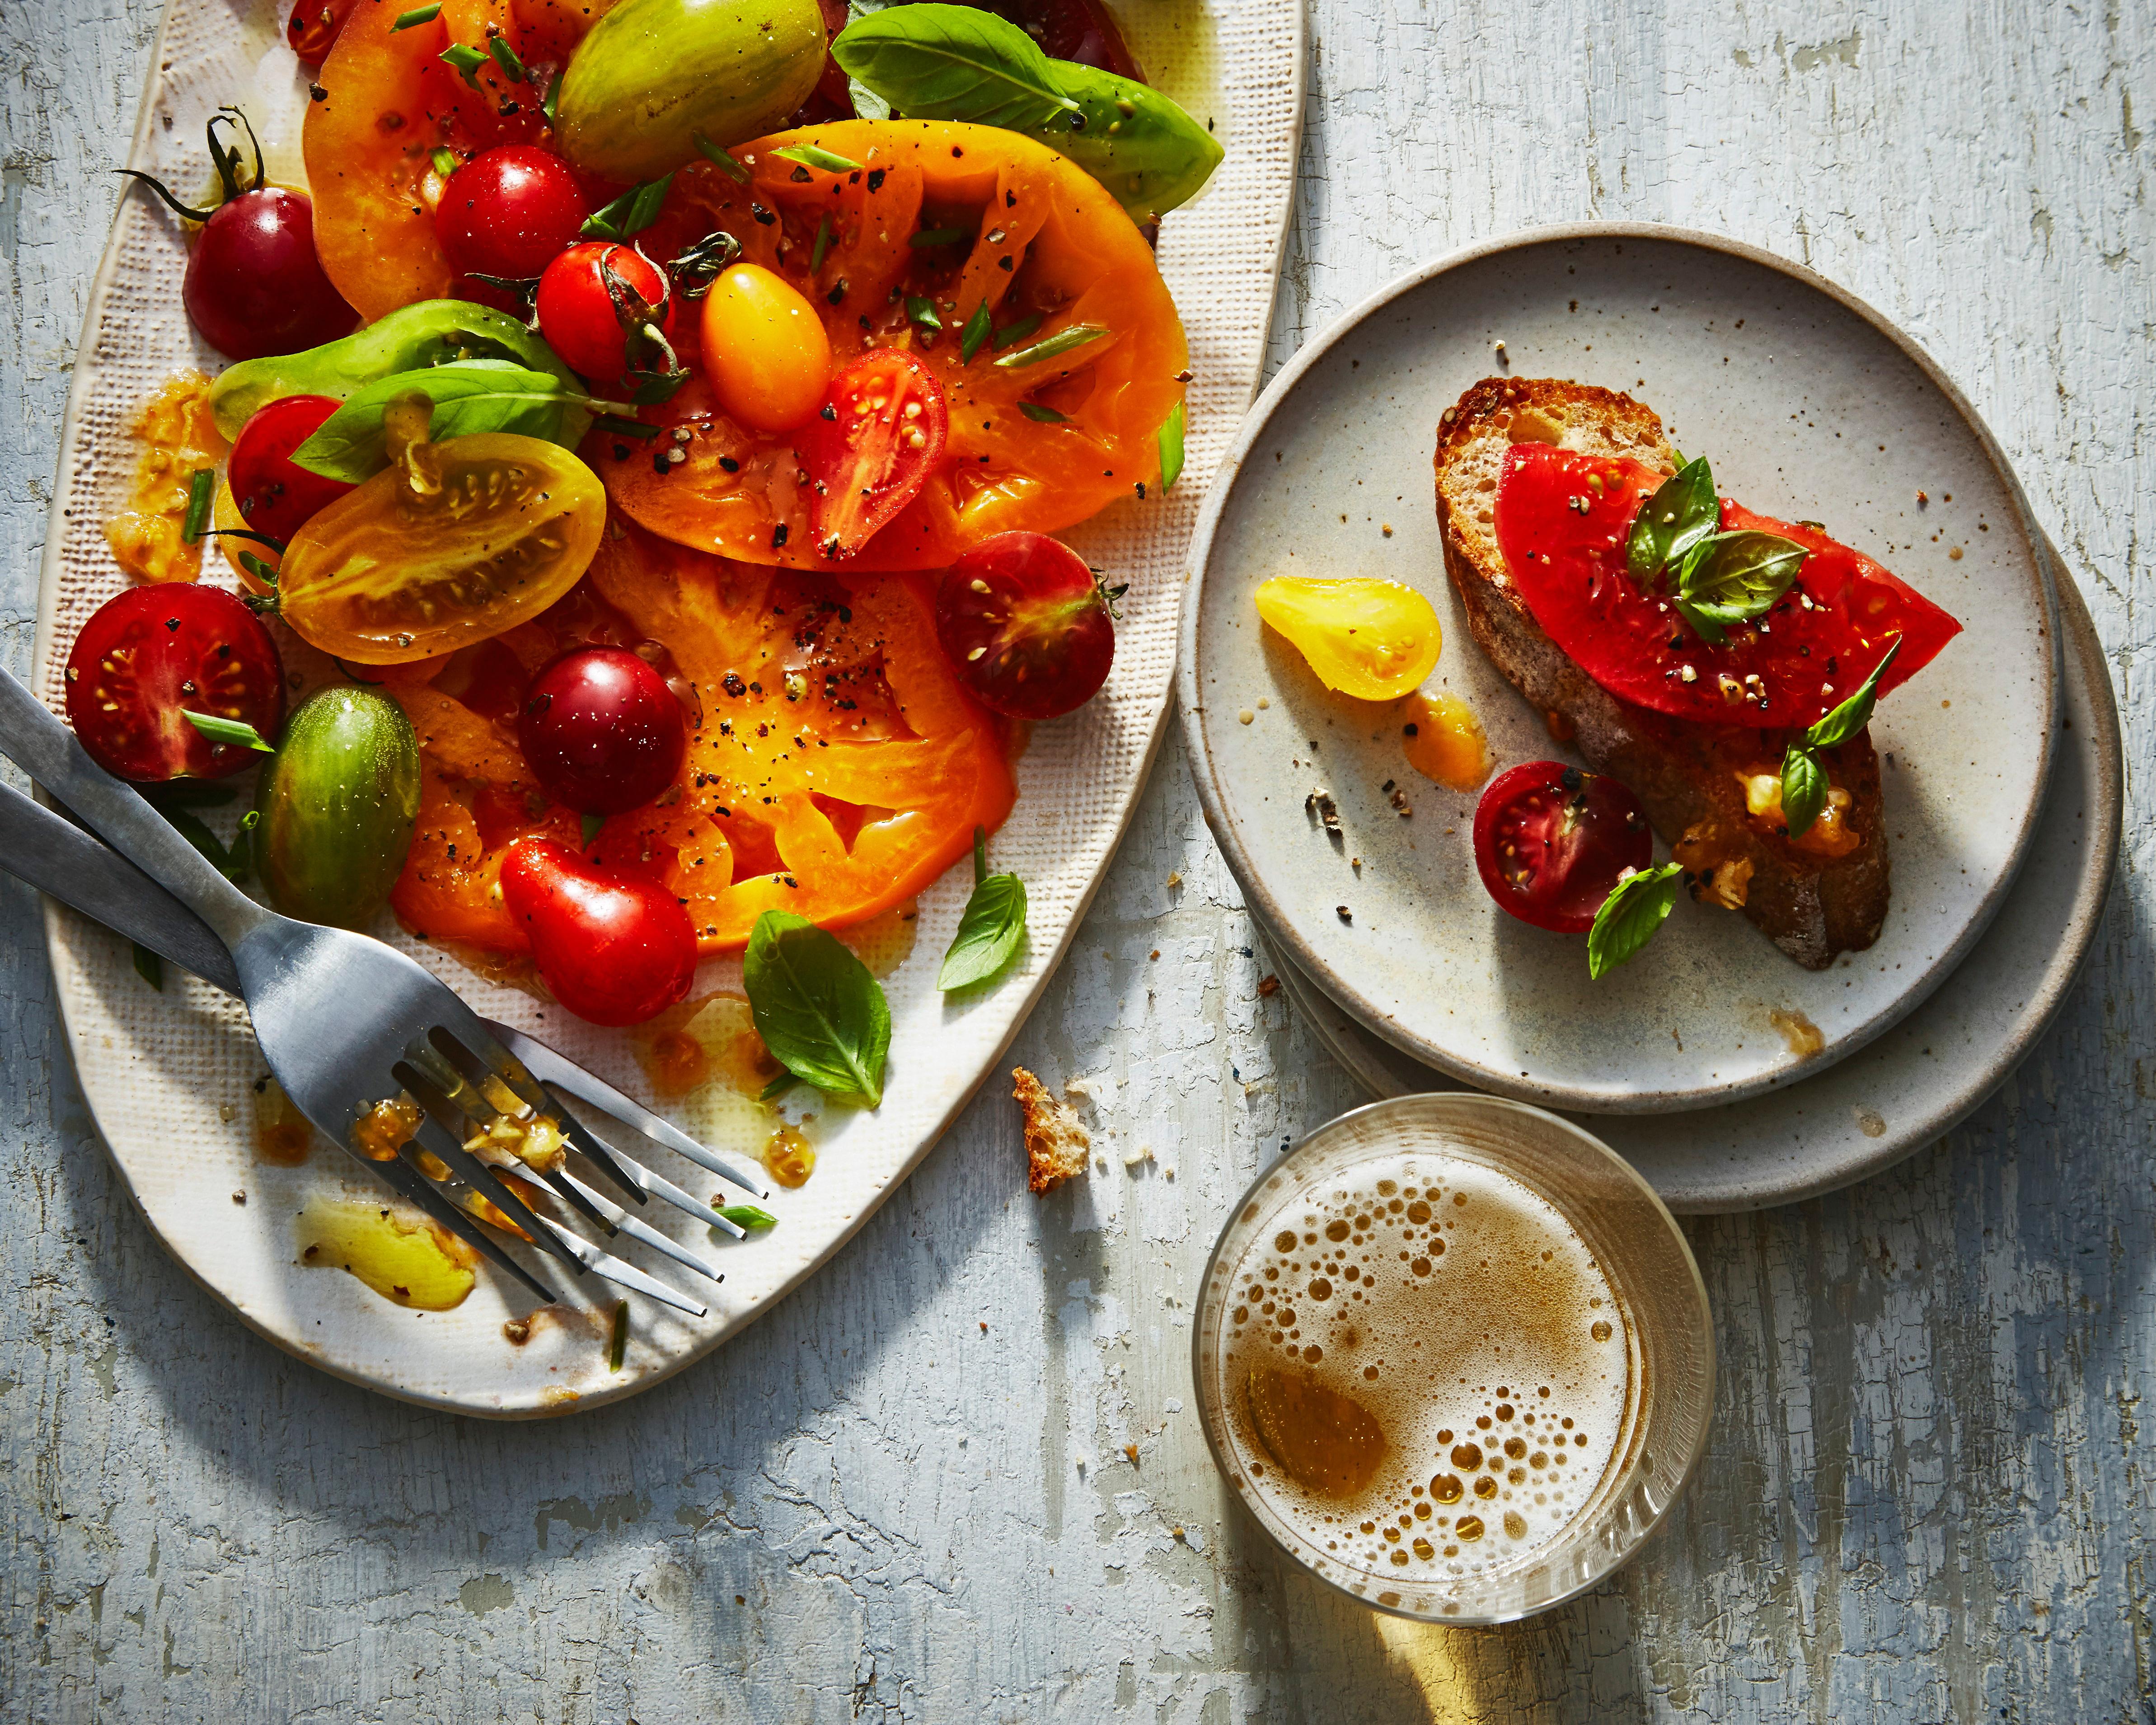 Rainbow Tomato Bruschetta